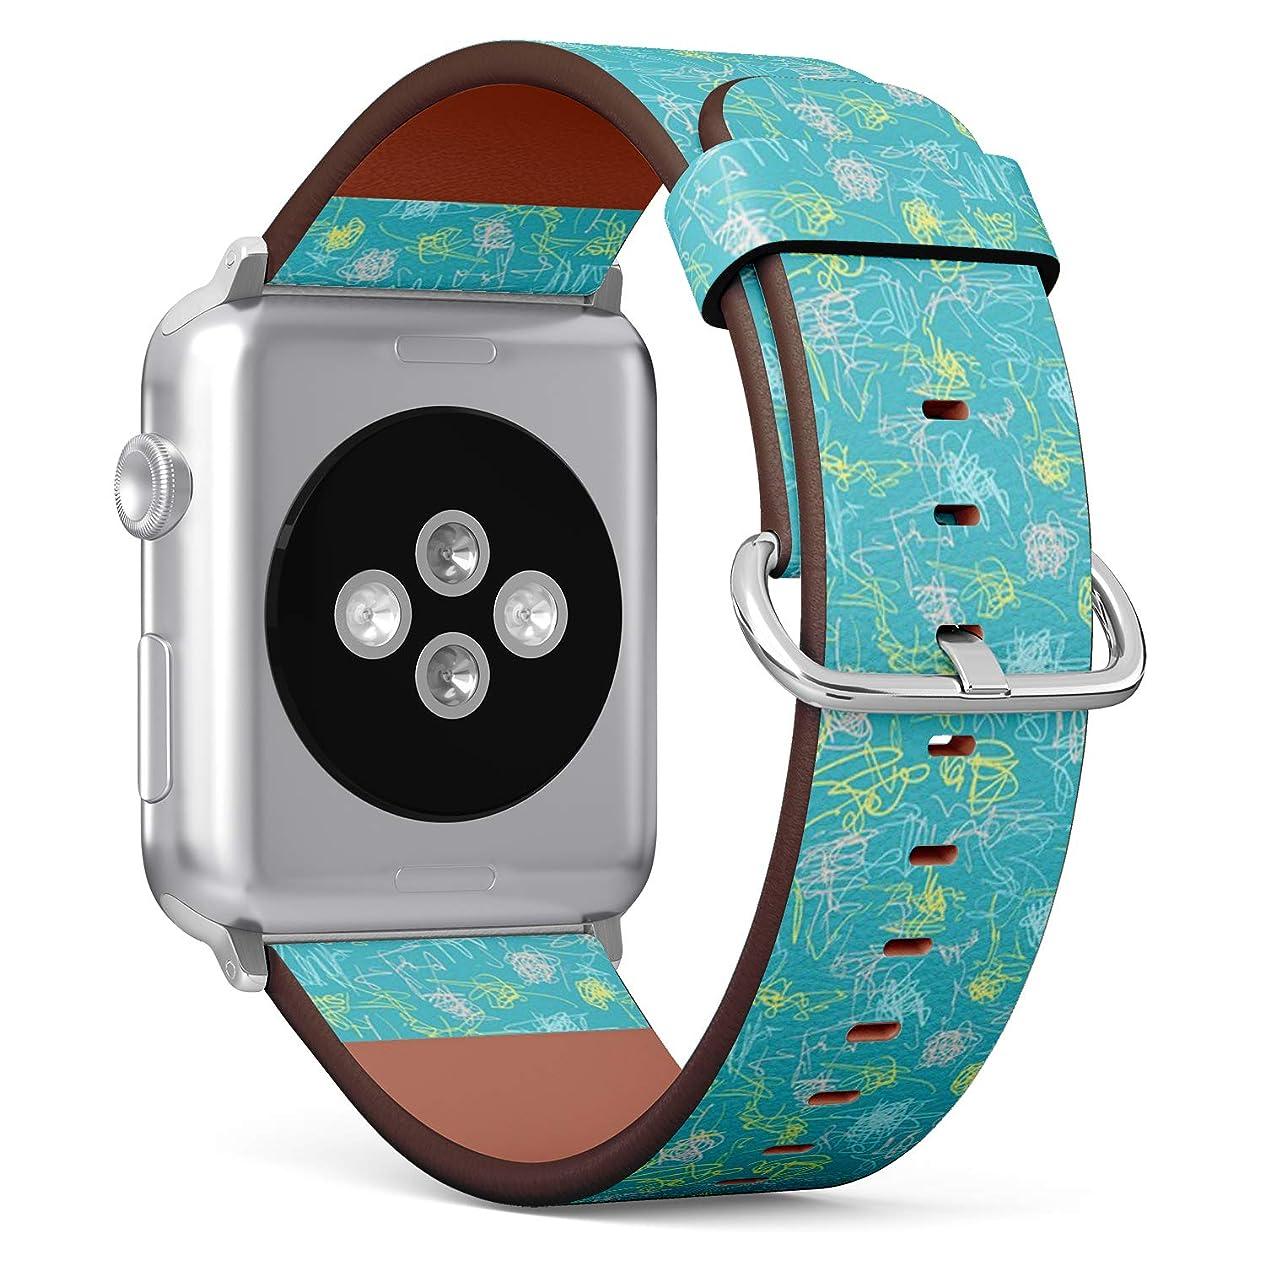 国勢調査インタフェース第コンパチブル Apple Watch iWatch 42mm & 44mm - 本革レザーストラップ, 向けのバンド交換ストラップです コンパチブル アップルウォッチ バンド (スクラップブッキング)